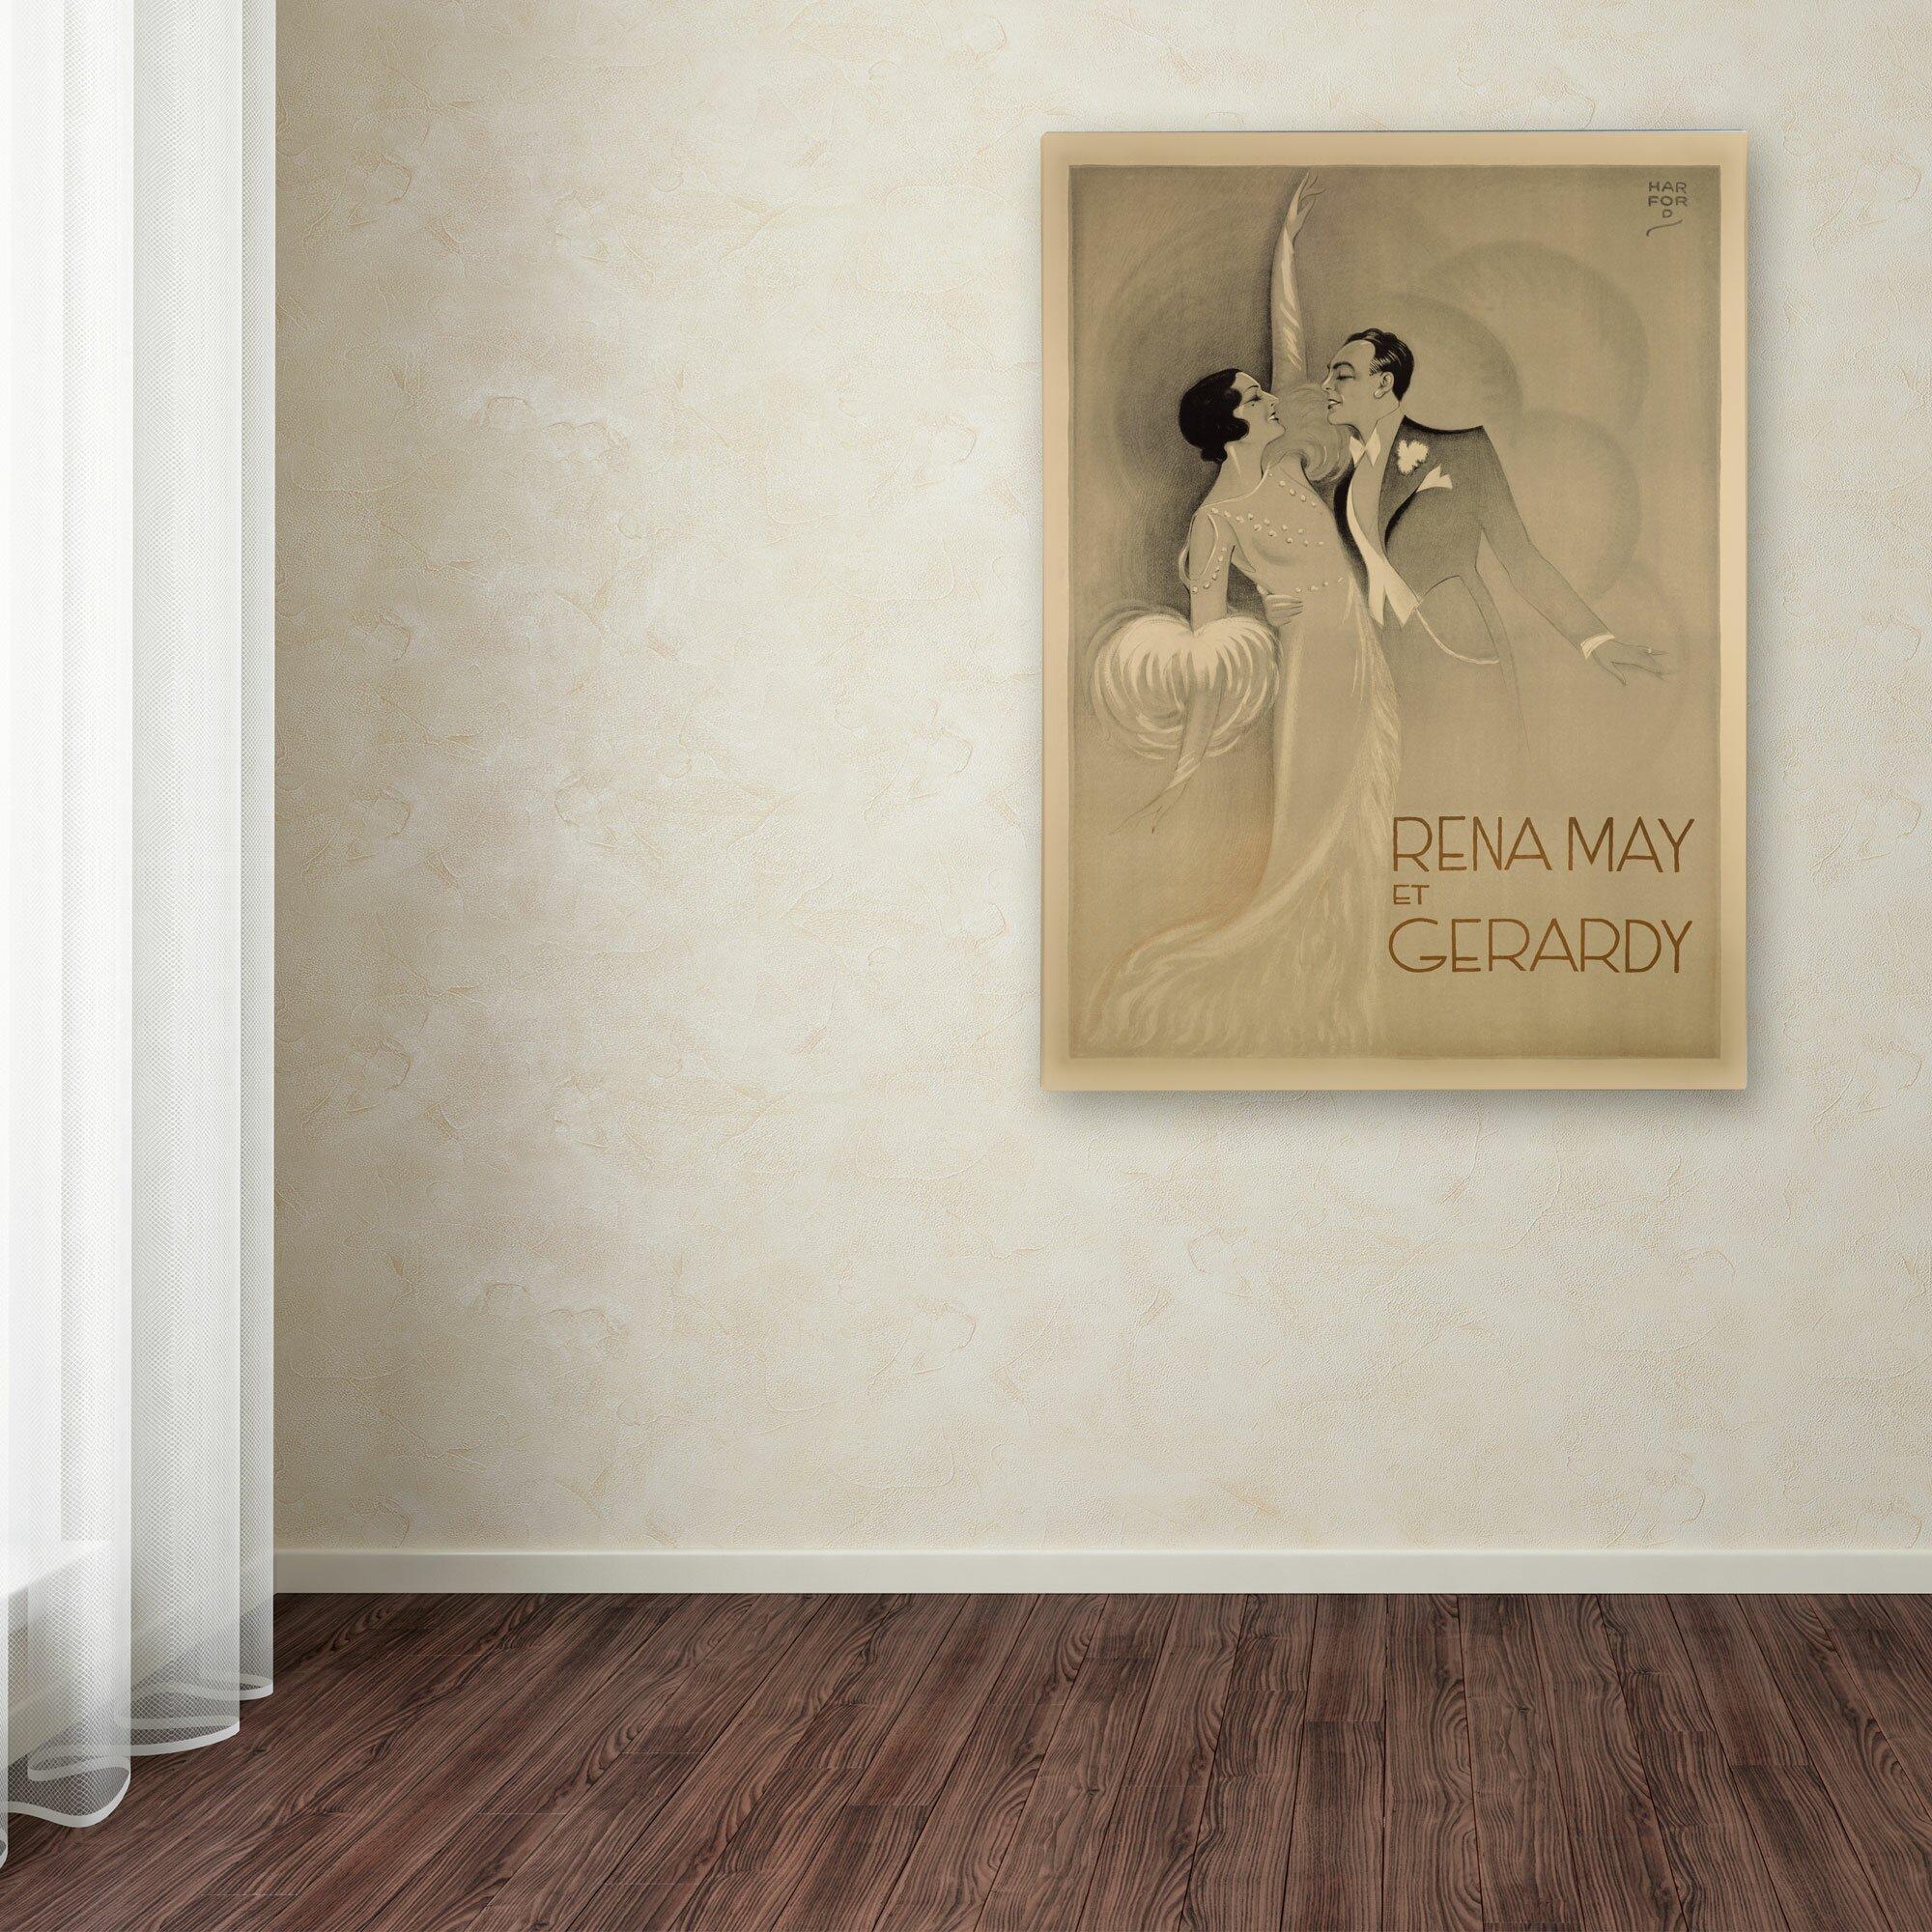 Trademark Art Quot Rena May Et Gerardy Quot Vintage Advertisement